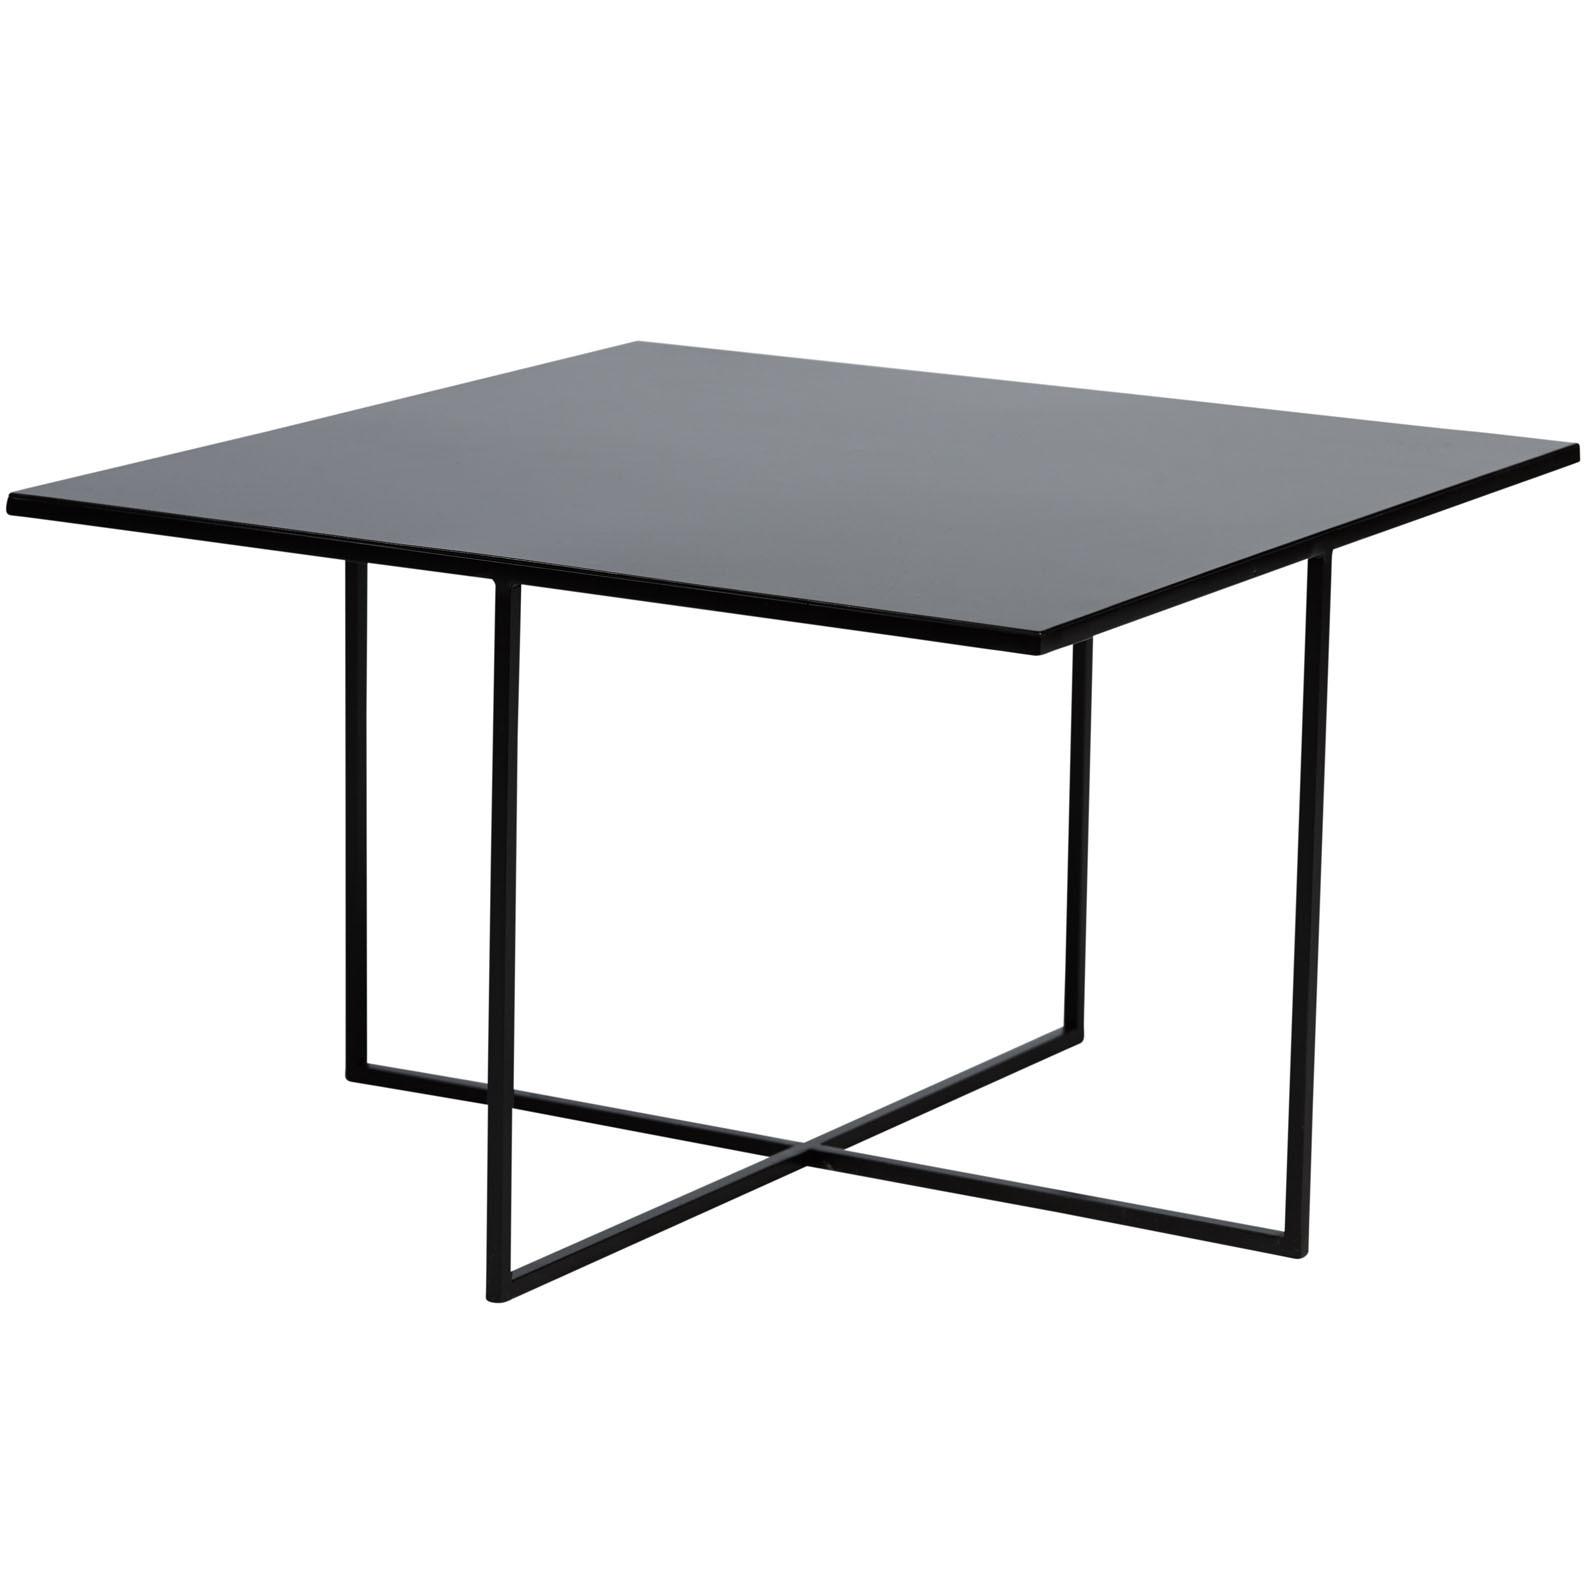 Soho Casina Lamp Table